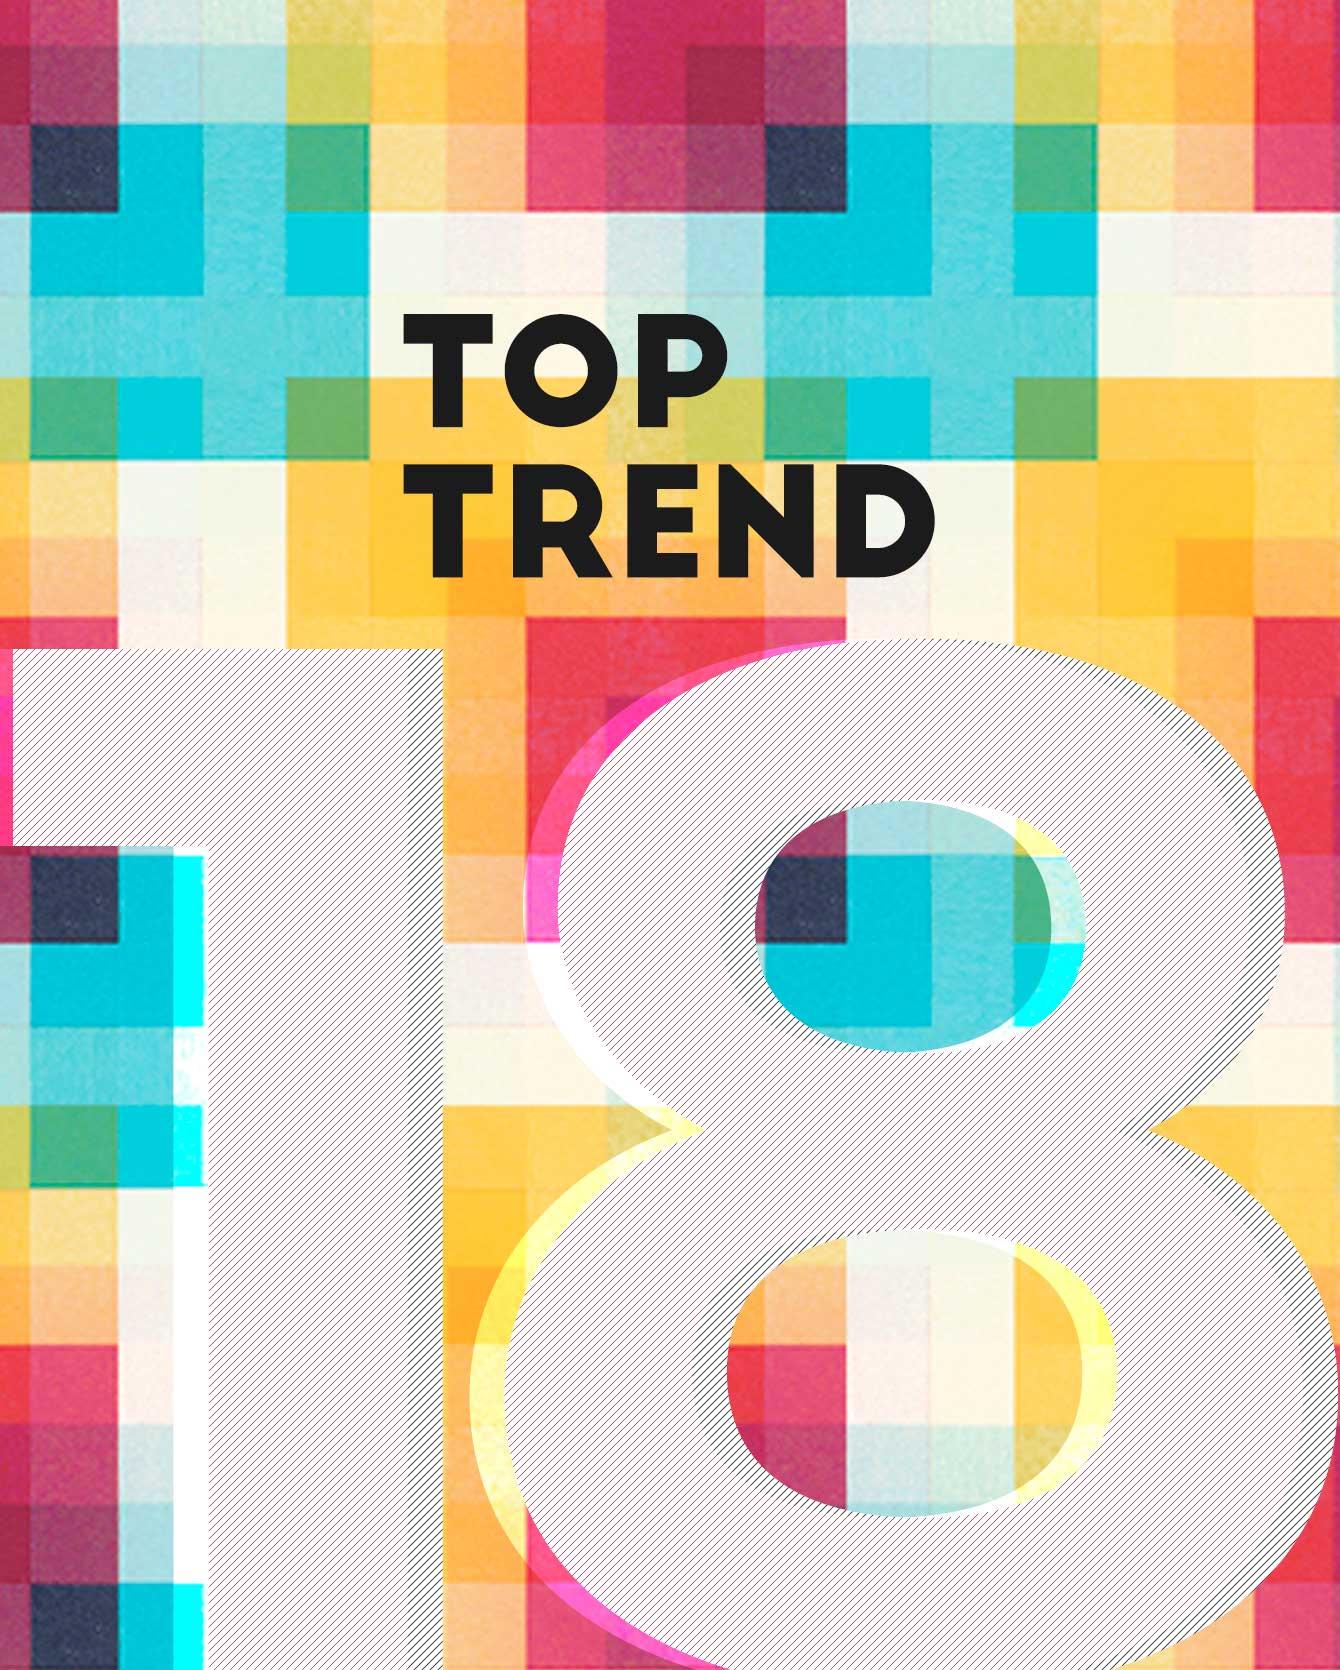 Top trend graphic design 2018